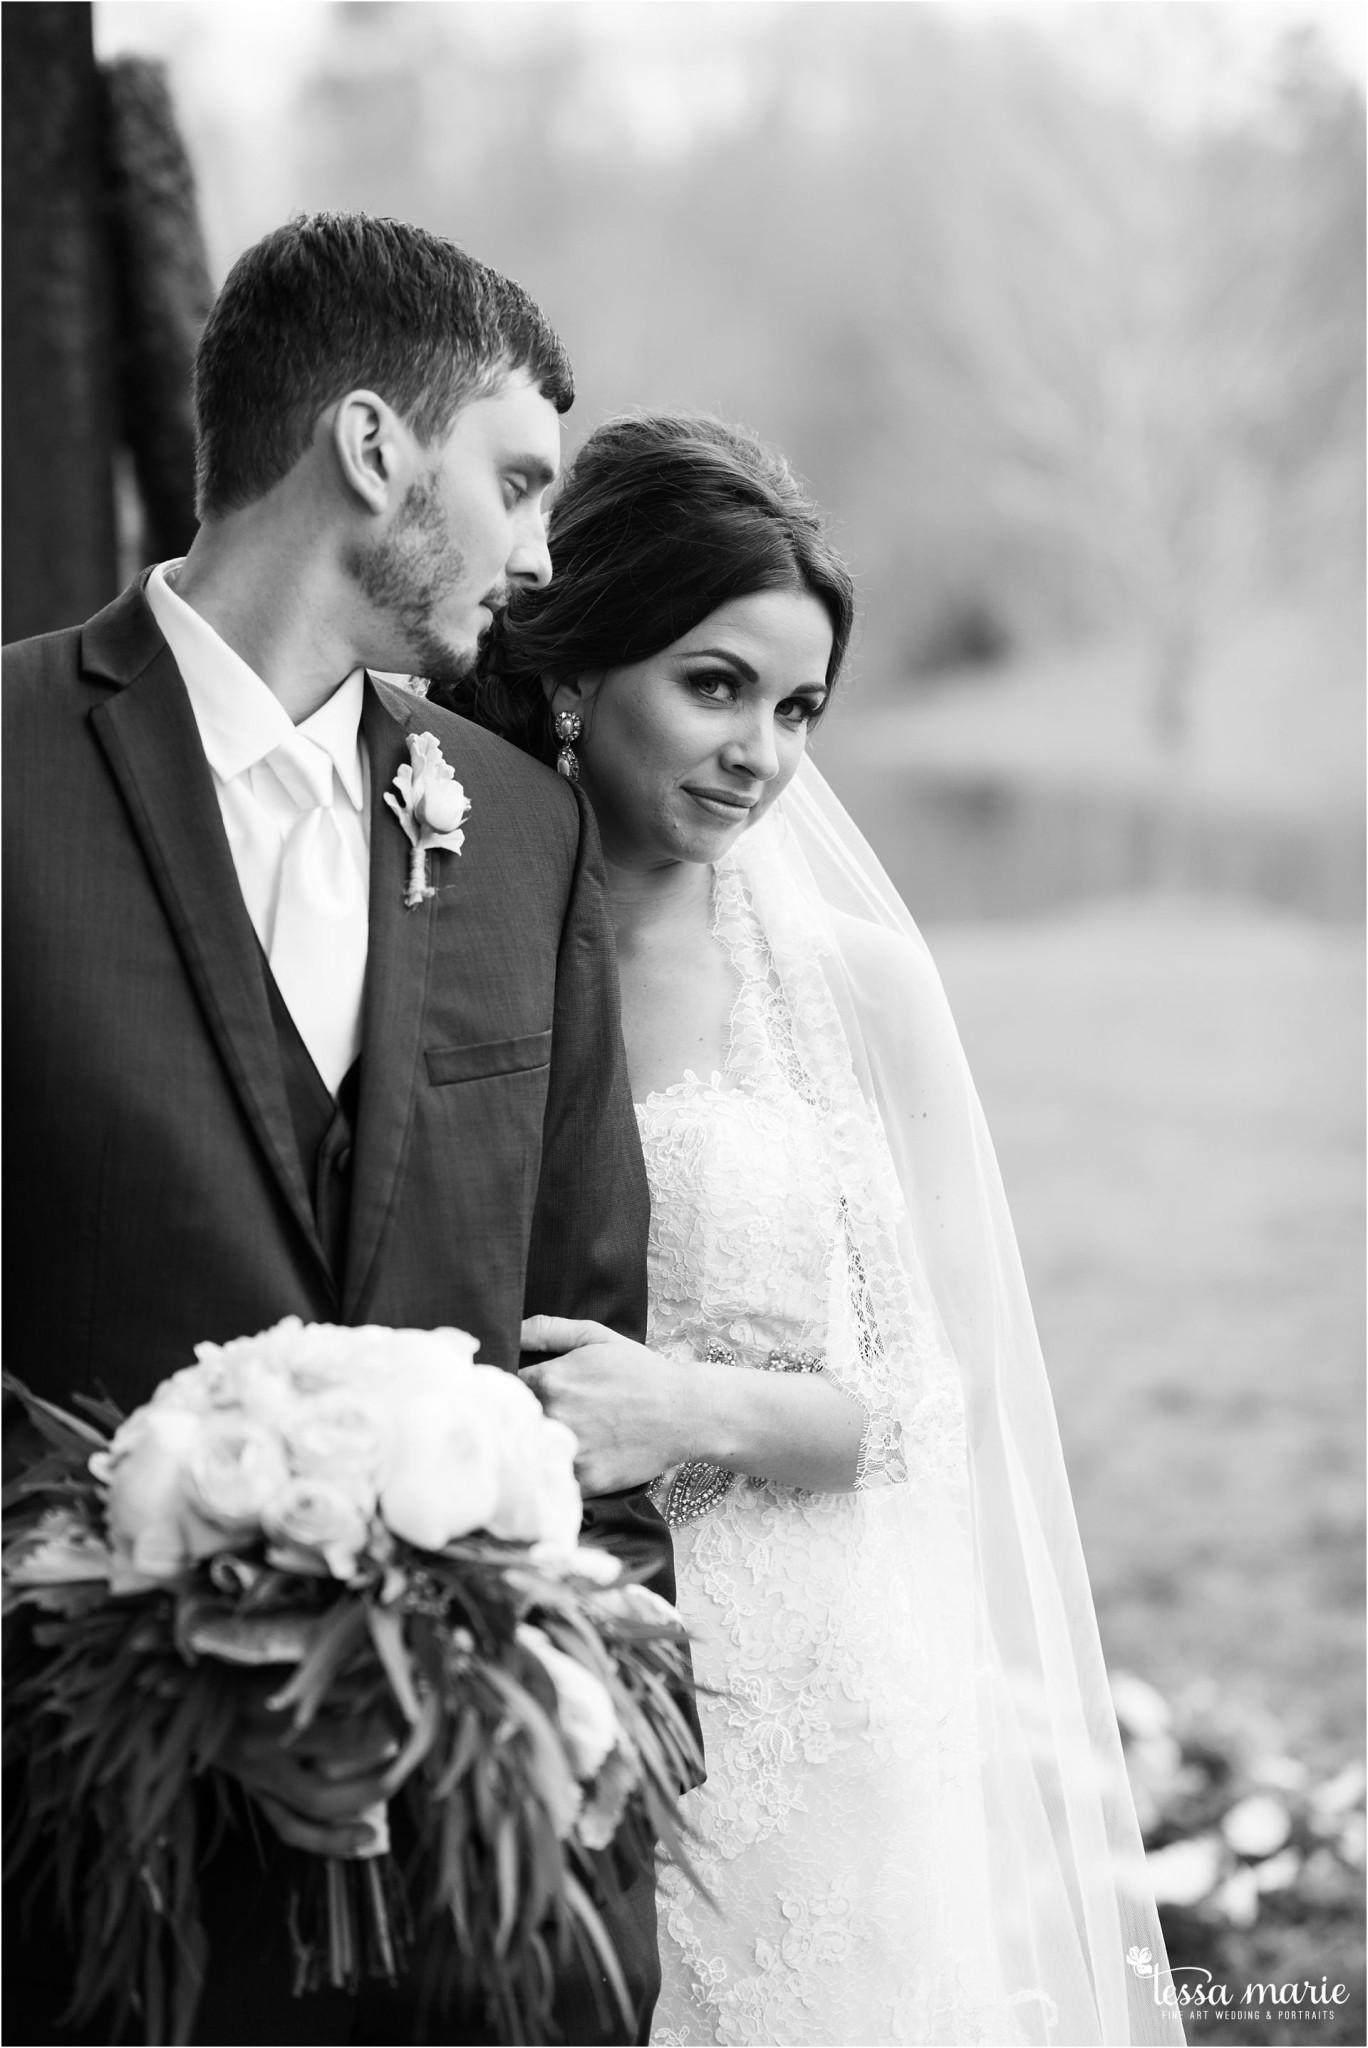 032216_brittany_kevin_wedding-62